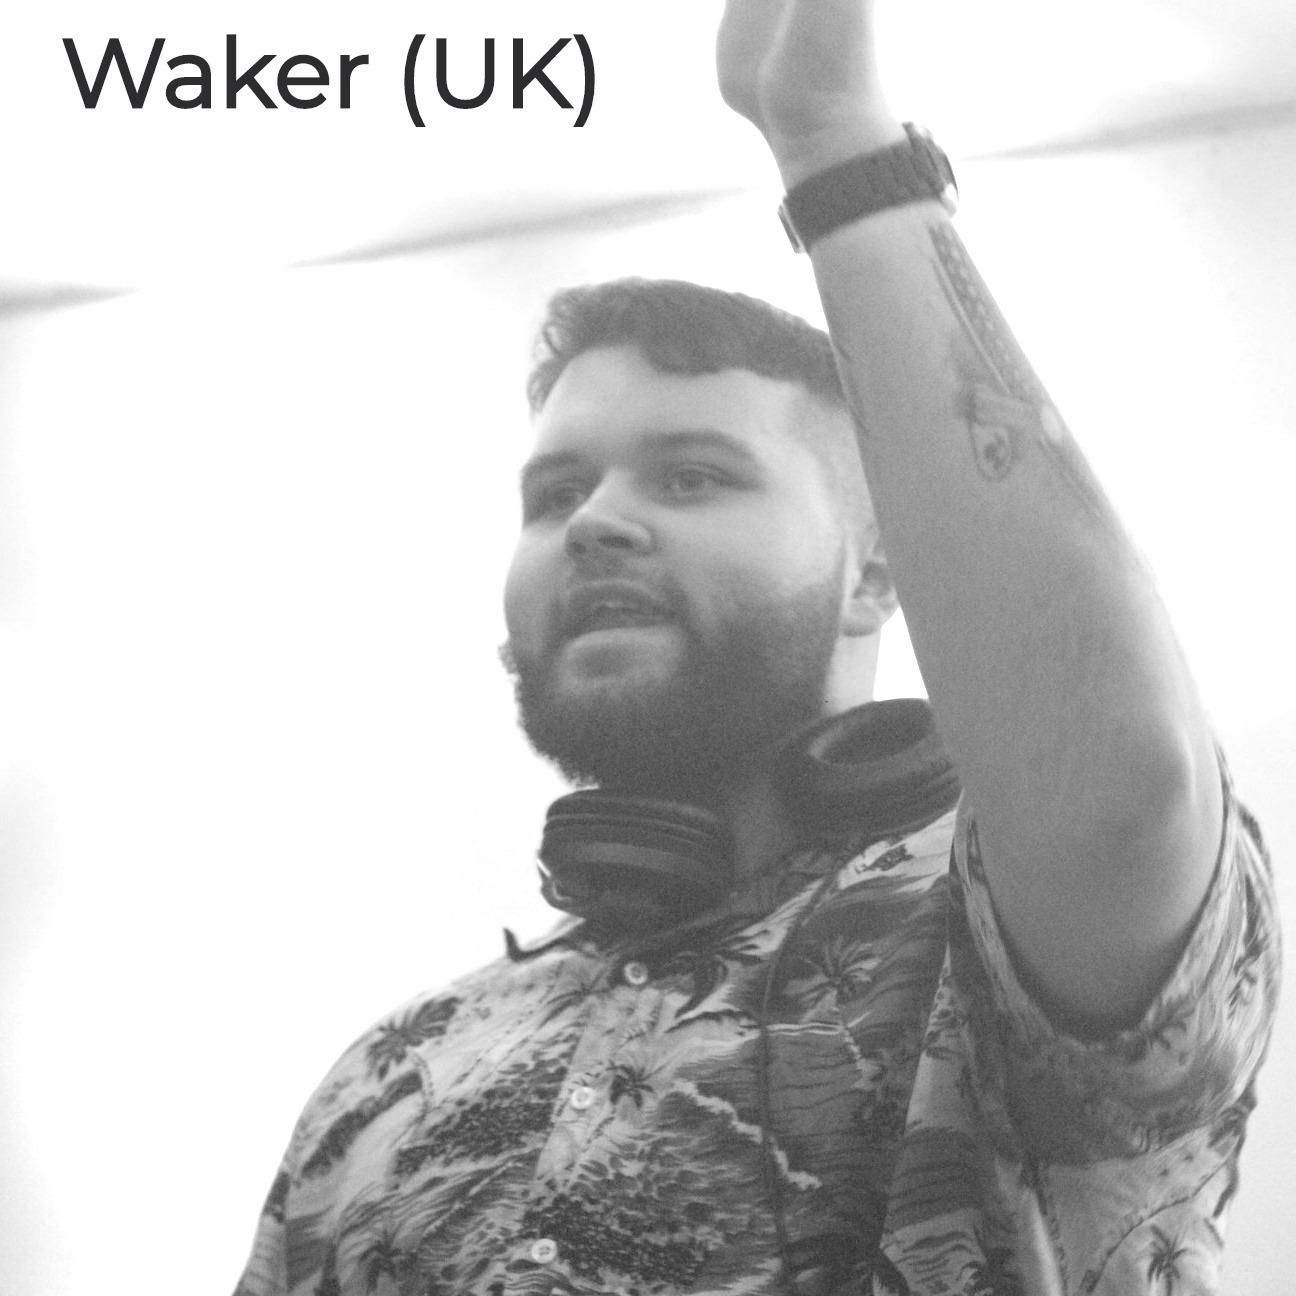 Waker (UK)